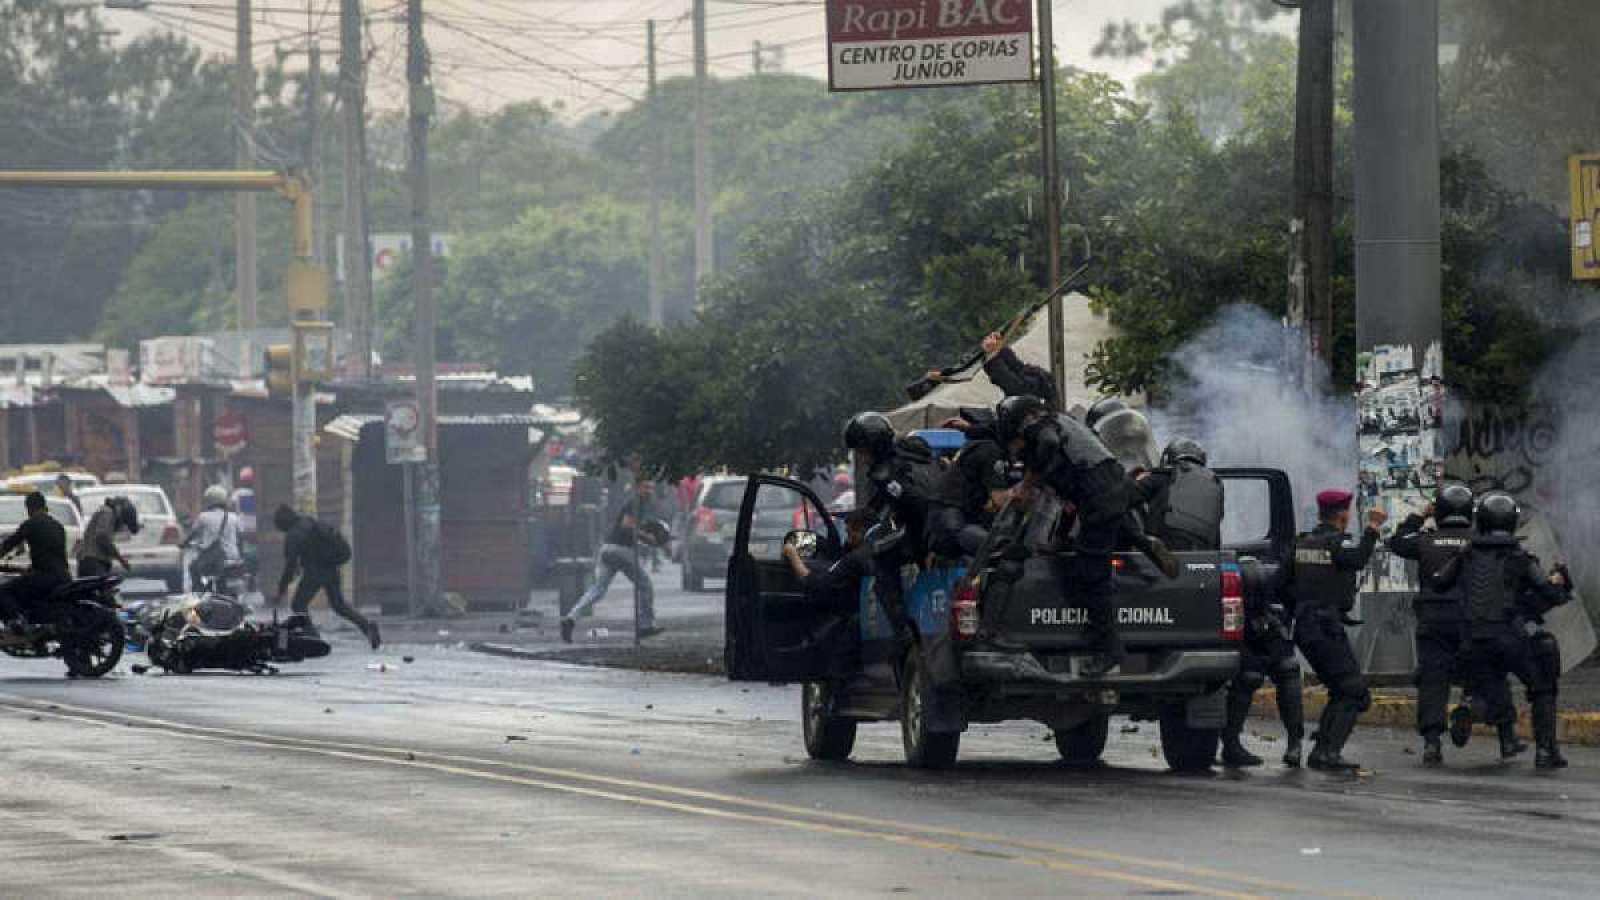 Hora América - Aumenta la represión en Nicaragua, según el último informe de Amnistía Internacional - 18/02/21 - escuchar ahora